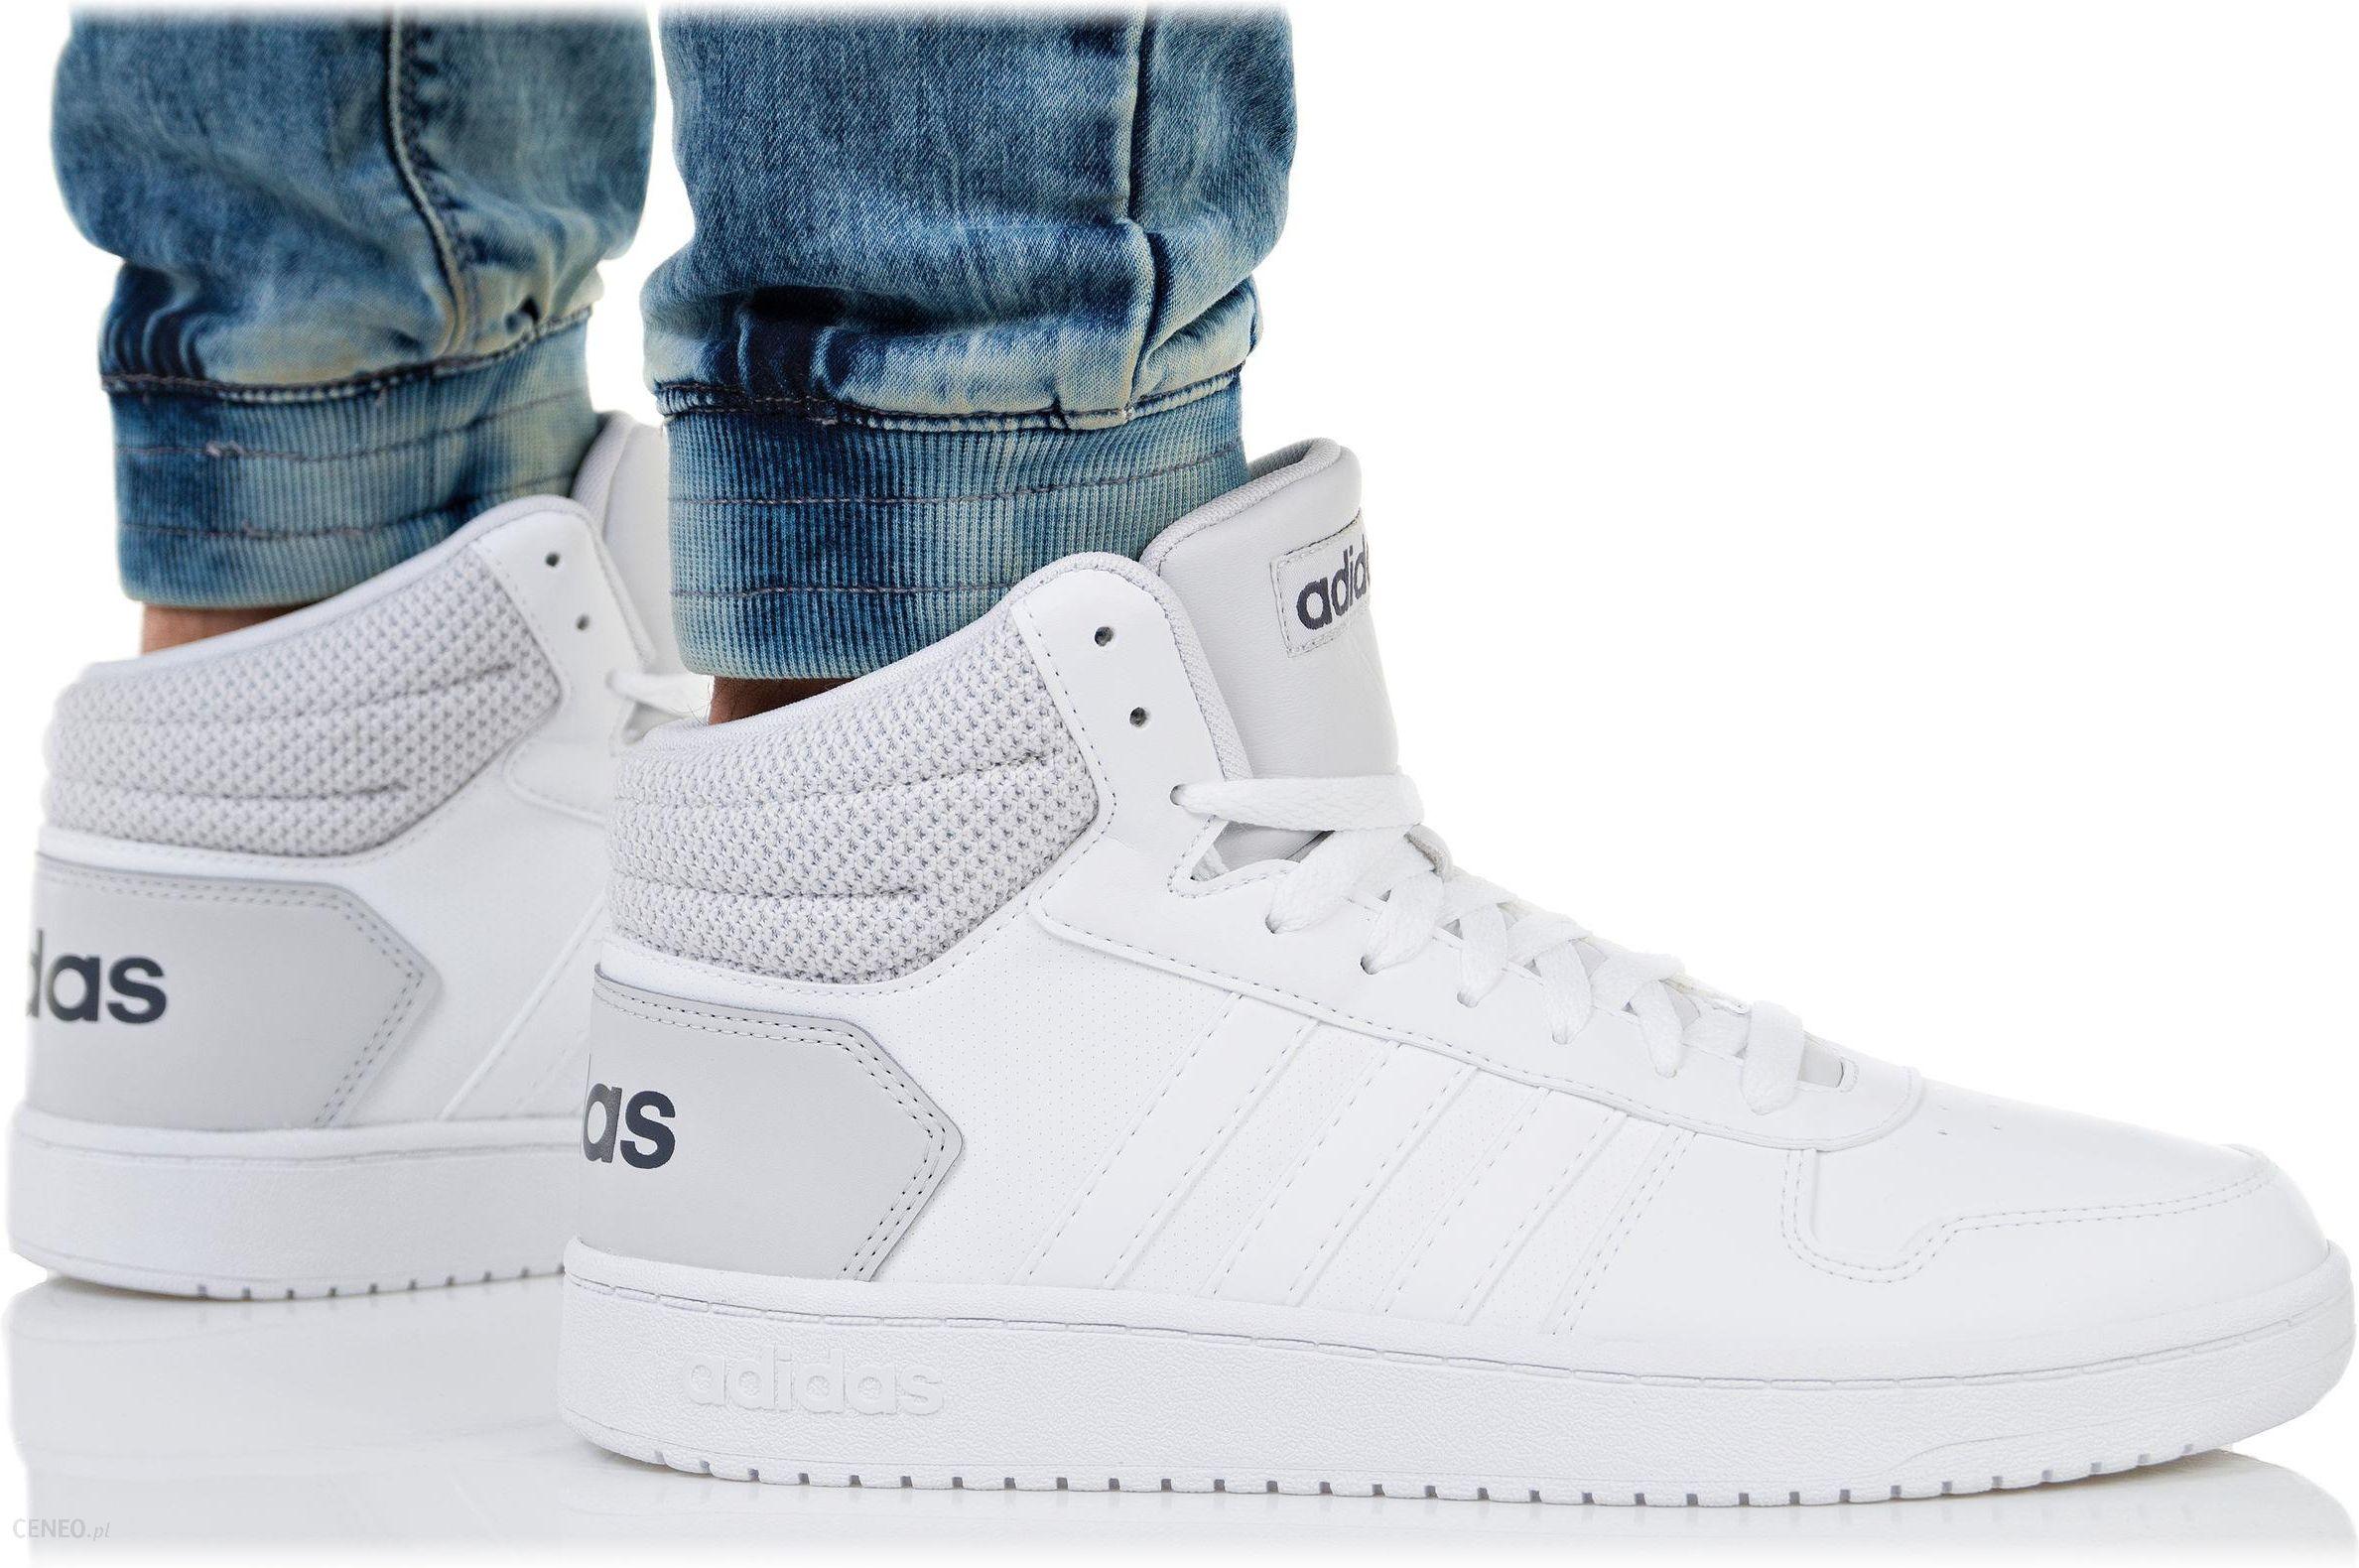 Buty Adidas Męskie Hoops 2.0 MID DB0106 Białe Ceny i opinie Ceneo.pl